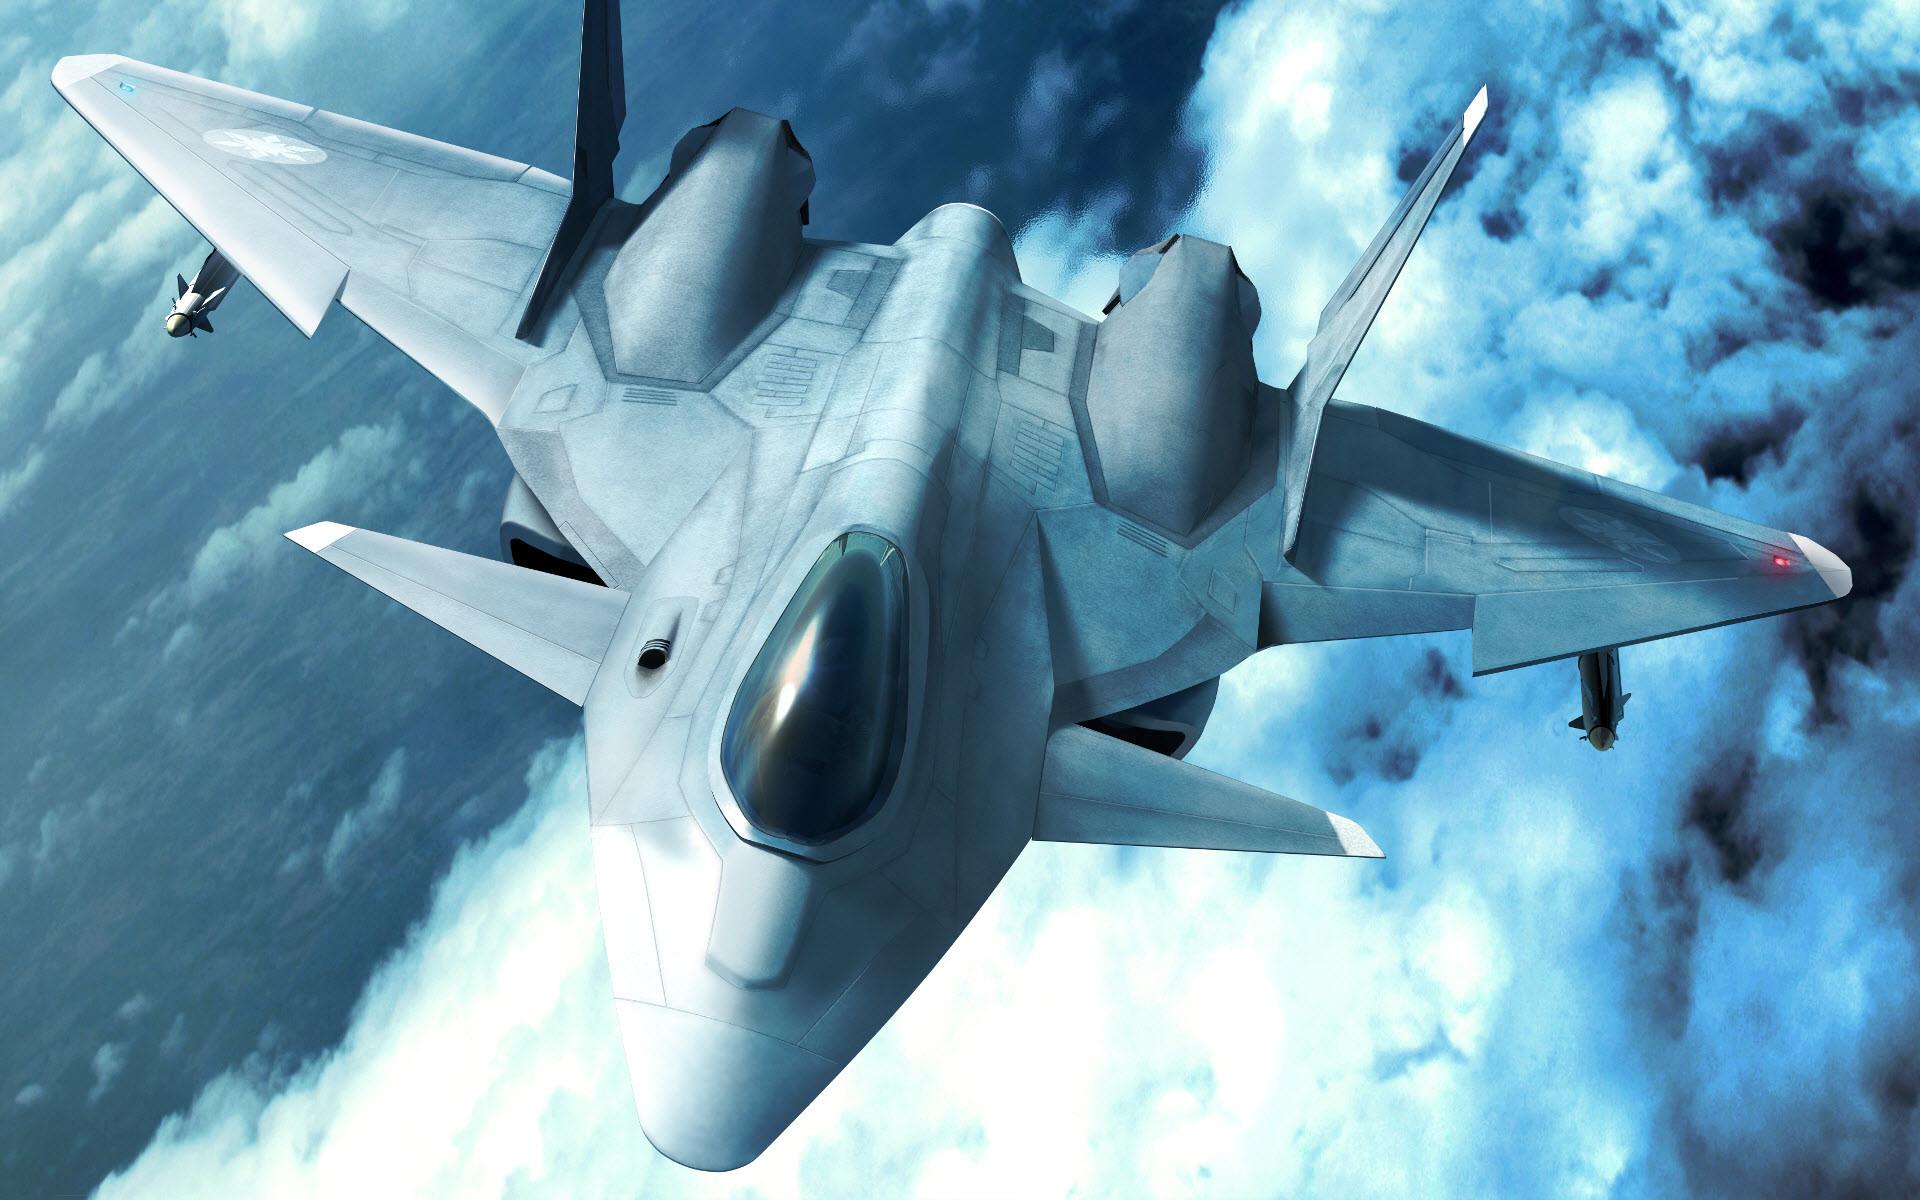 Res: 1920x1200, Ace Combat Wallpaper